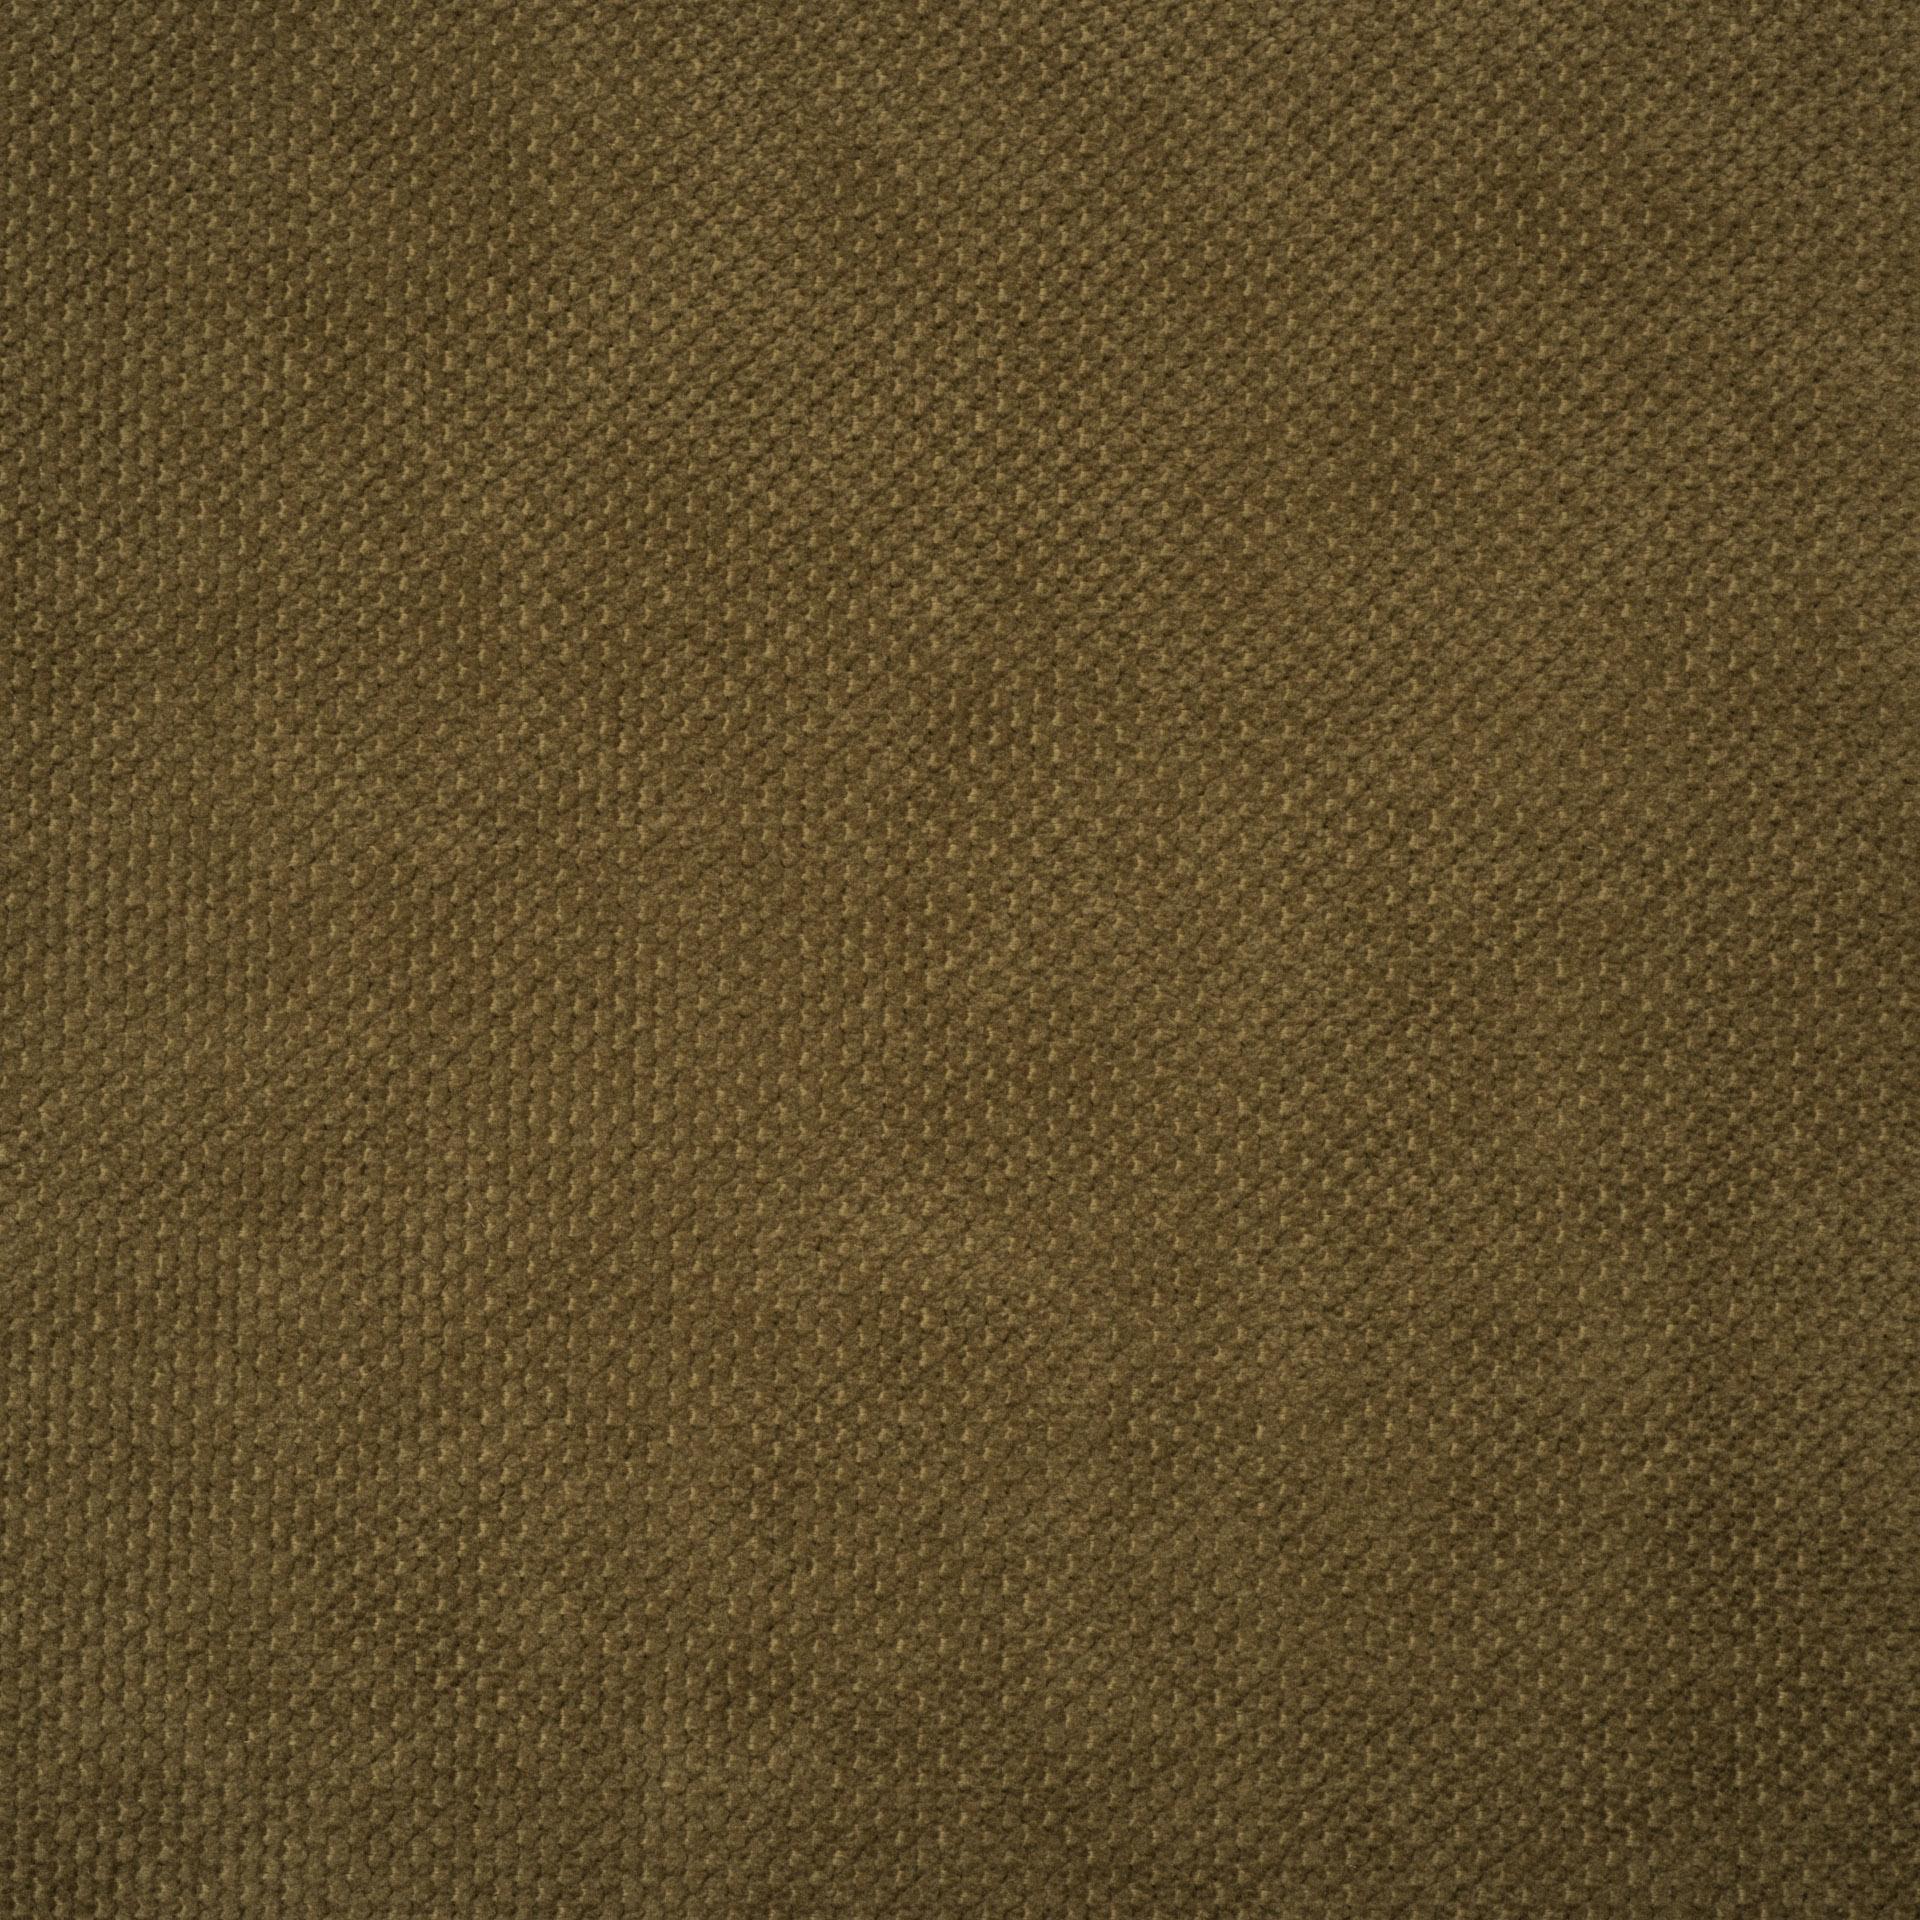 Коллекция ткани Дели 15 OLIVE,  купить ткань Жаккард для мебели Украина